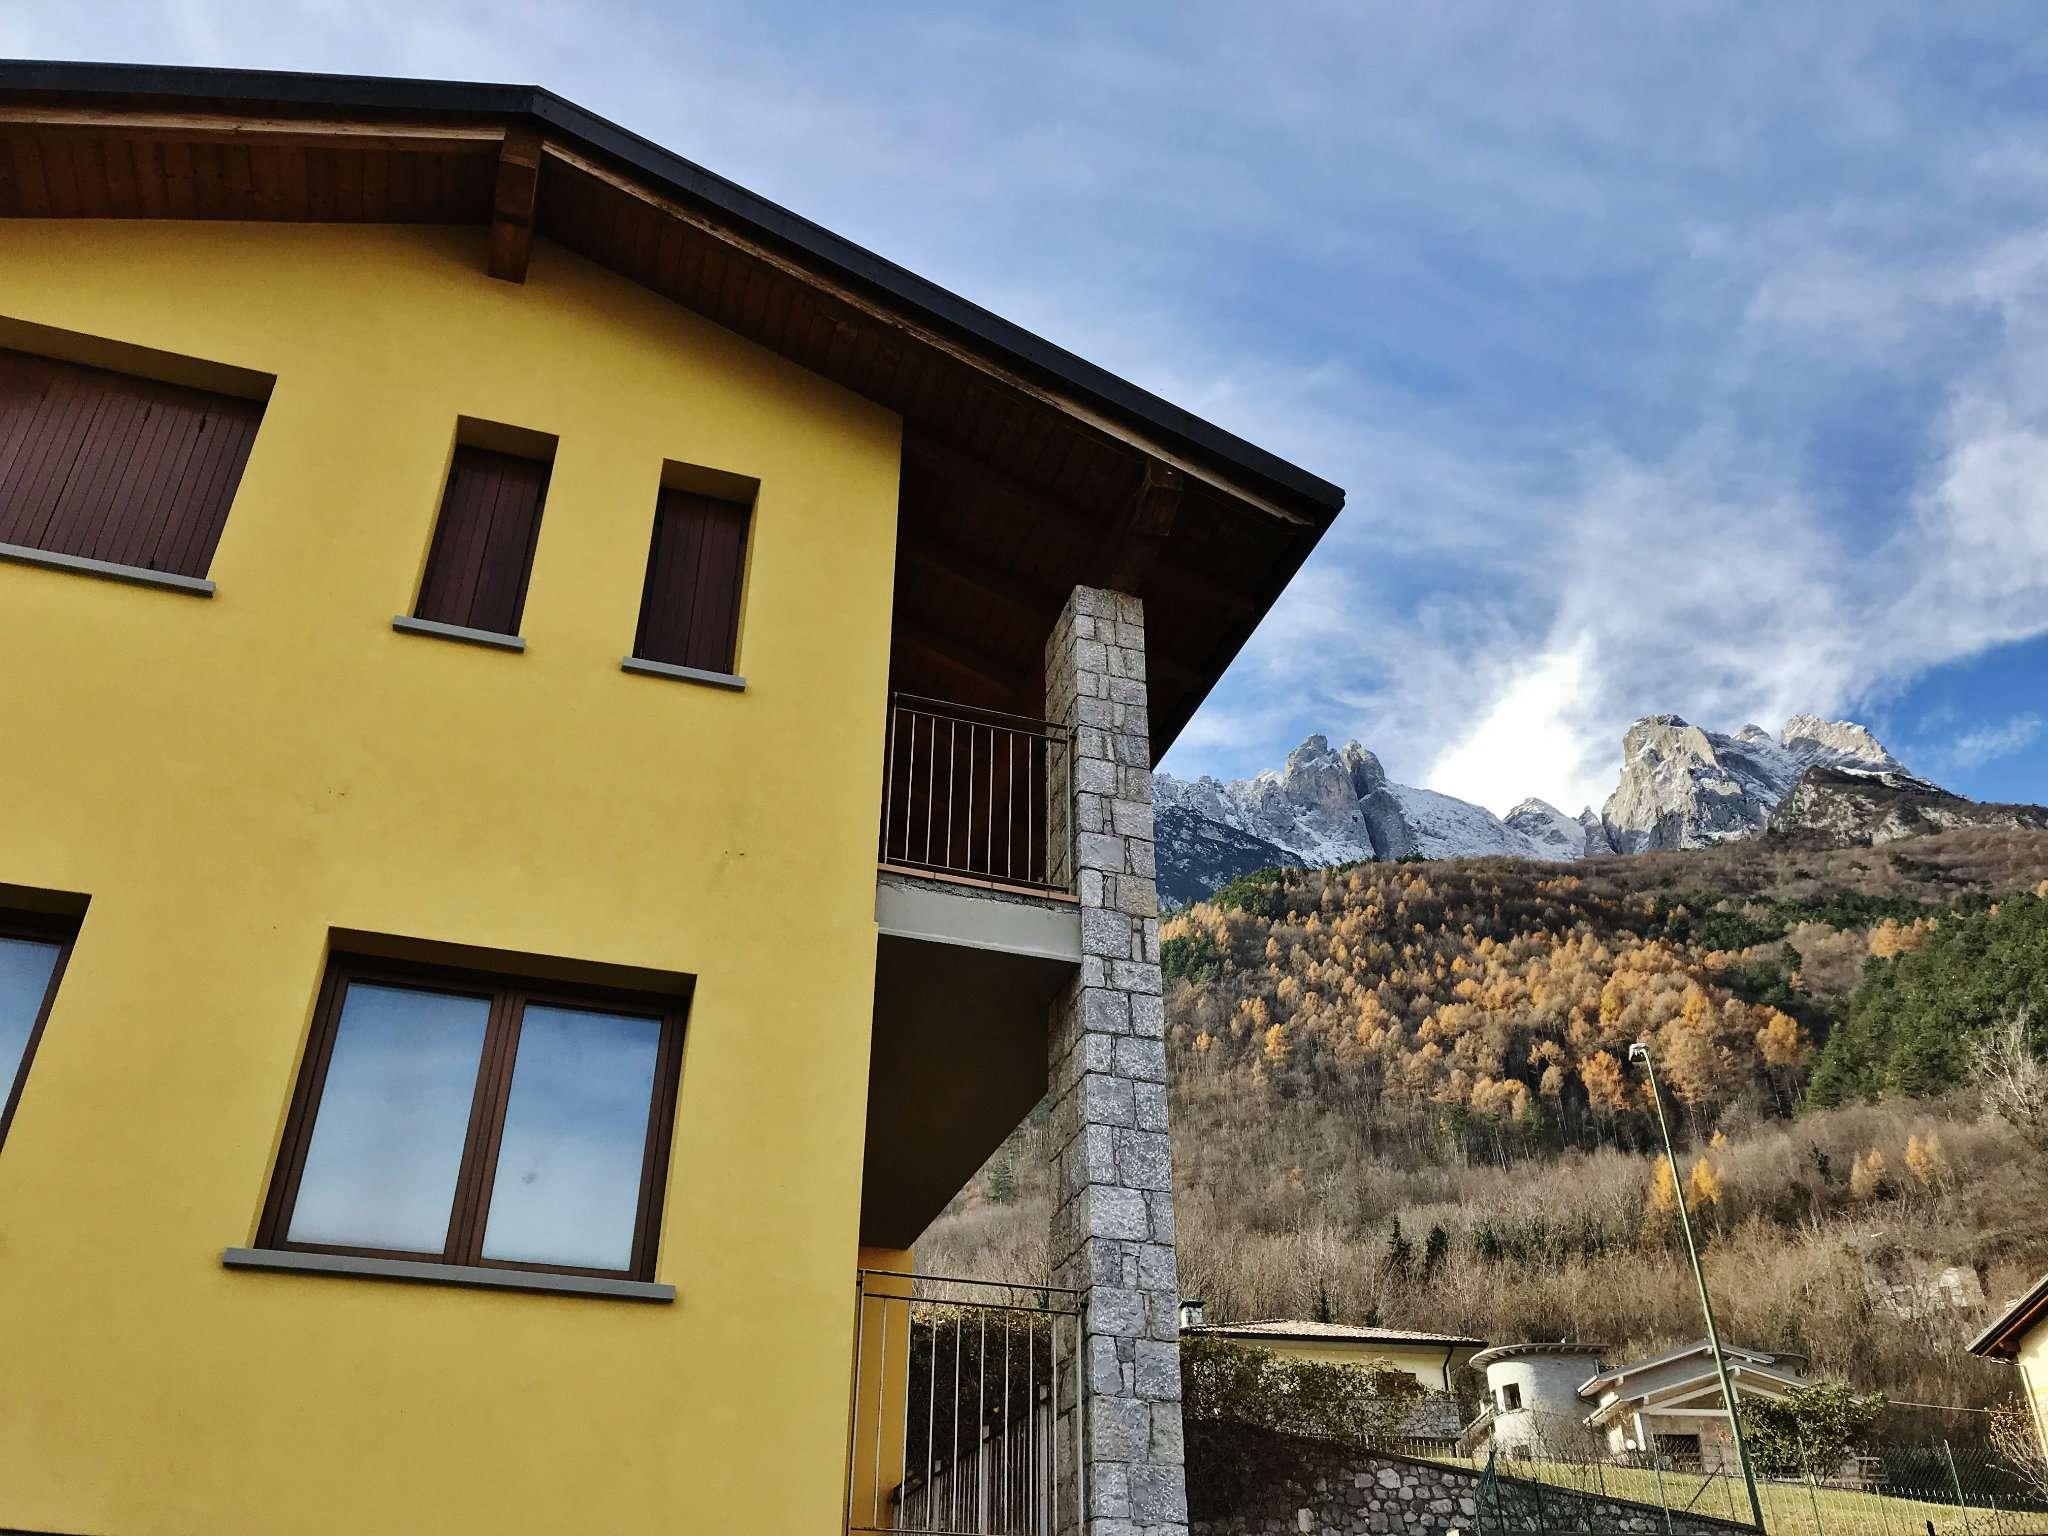 Villa in vendita a Cerveno, 3 locali, prezzo € 220.000 | CambioCasa.it